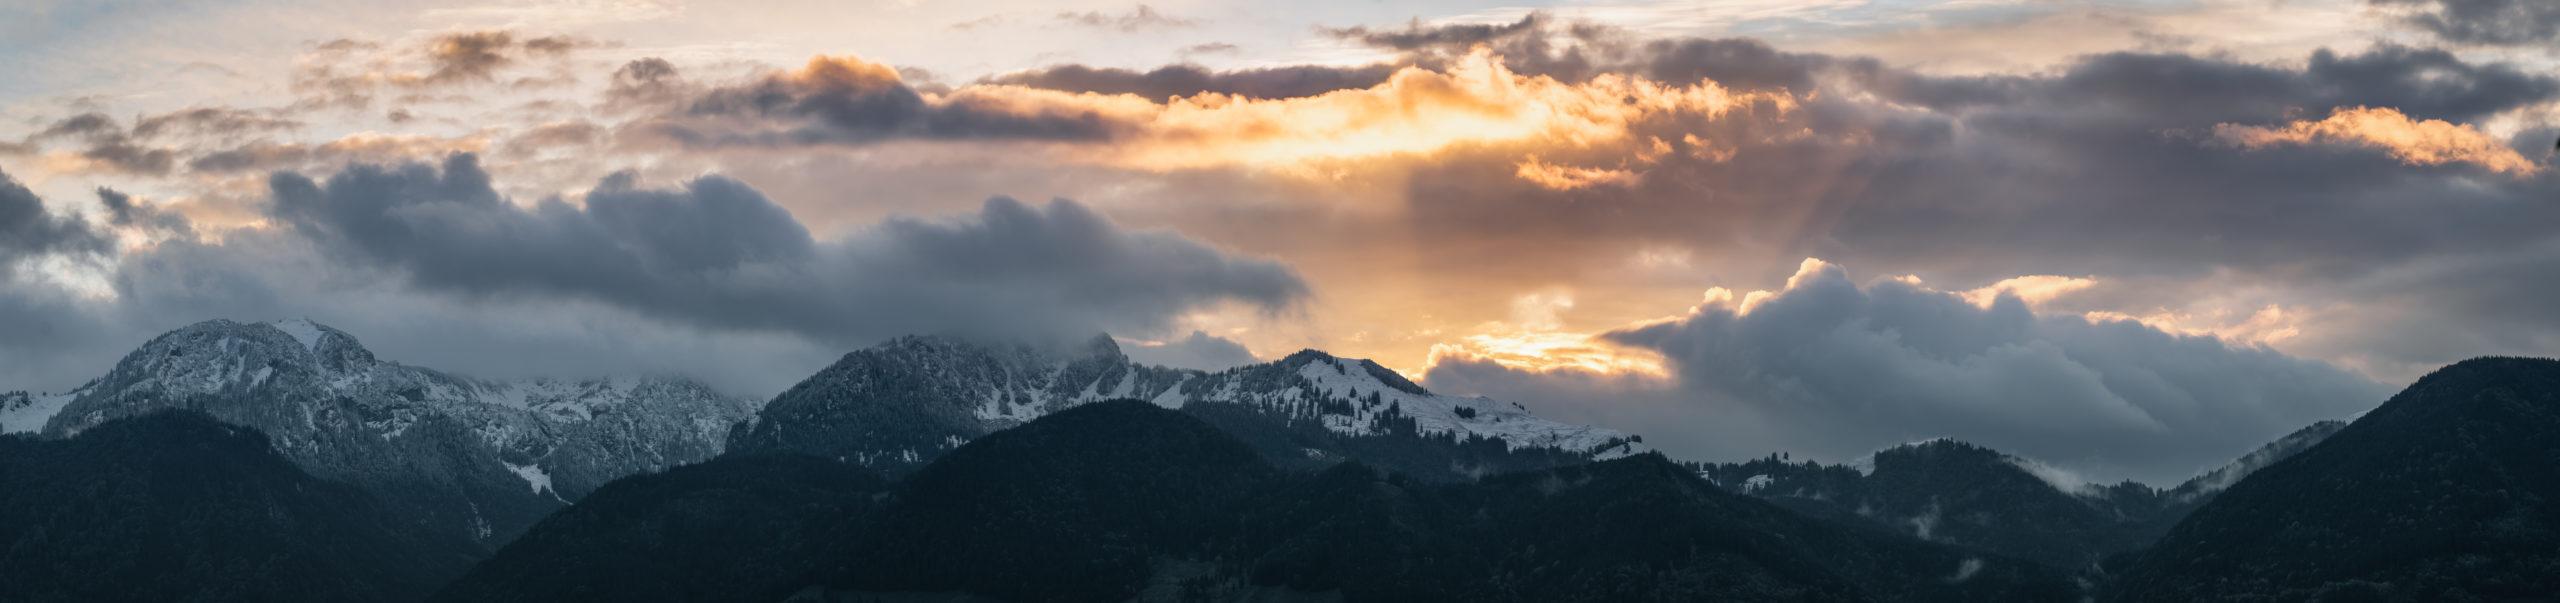 Sonnenuntergang über dem Wendelstein mit erstem Schnee im Oktober